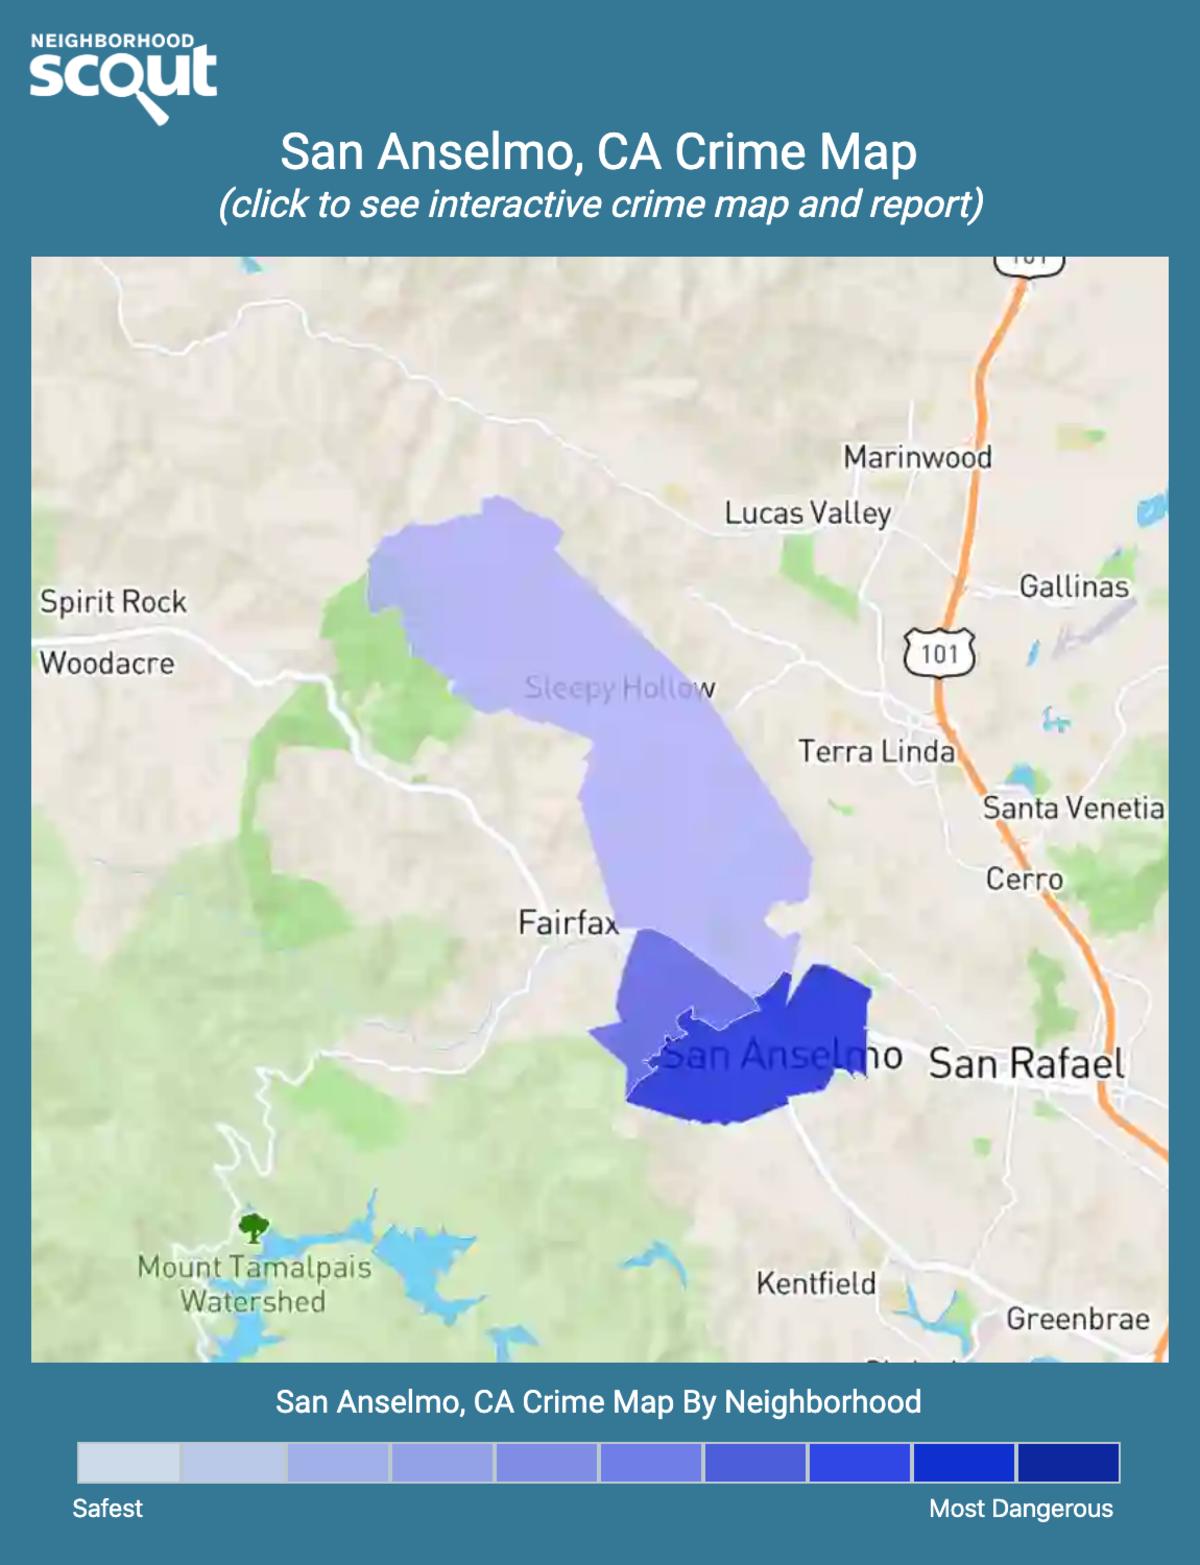 San Anselmo, California crime map